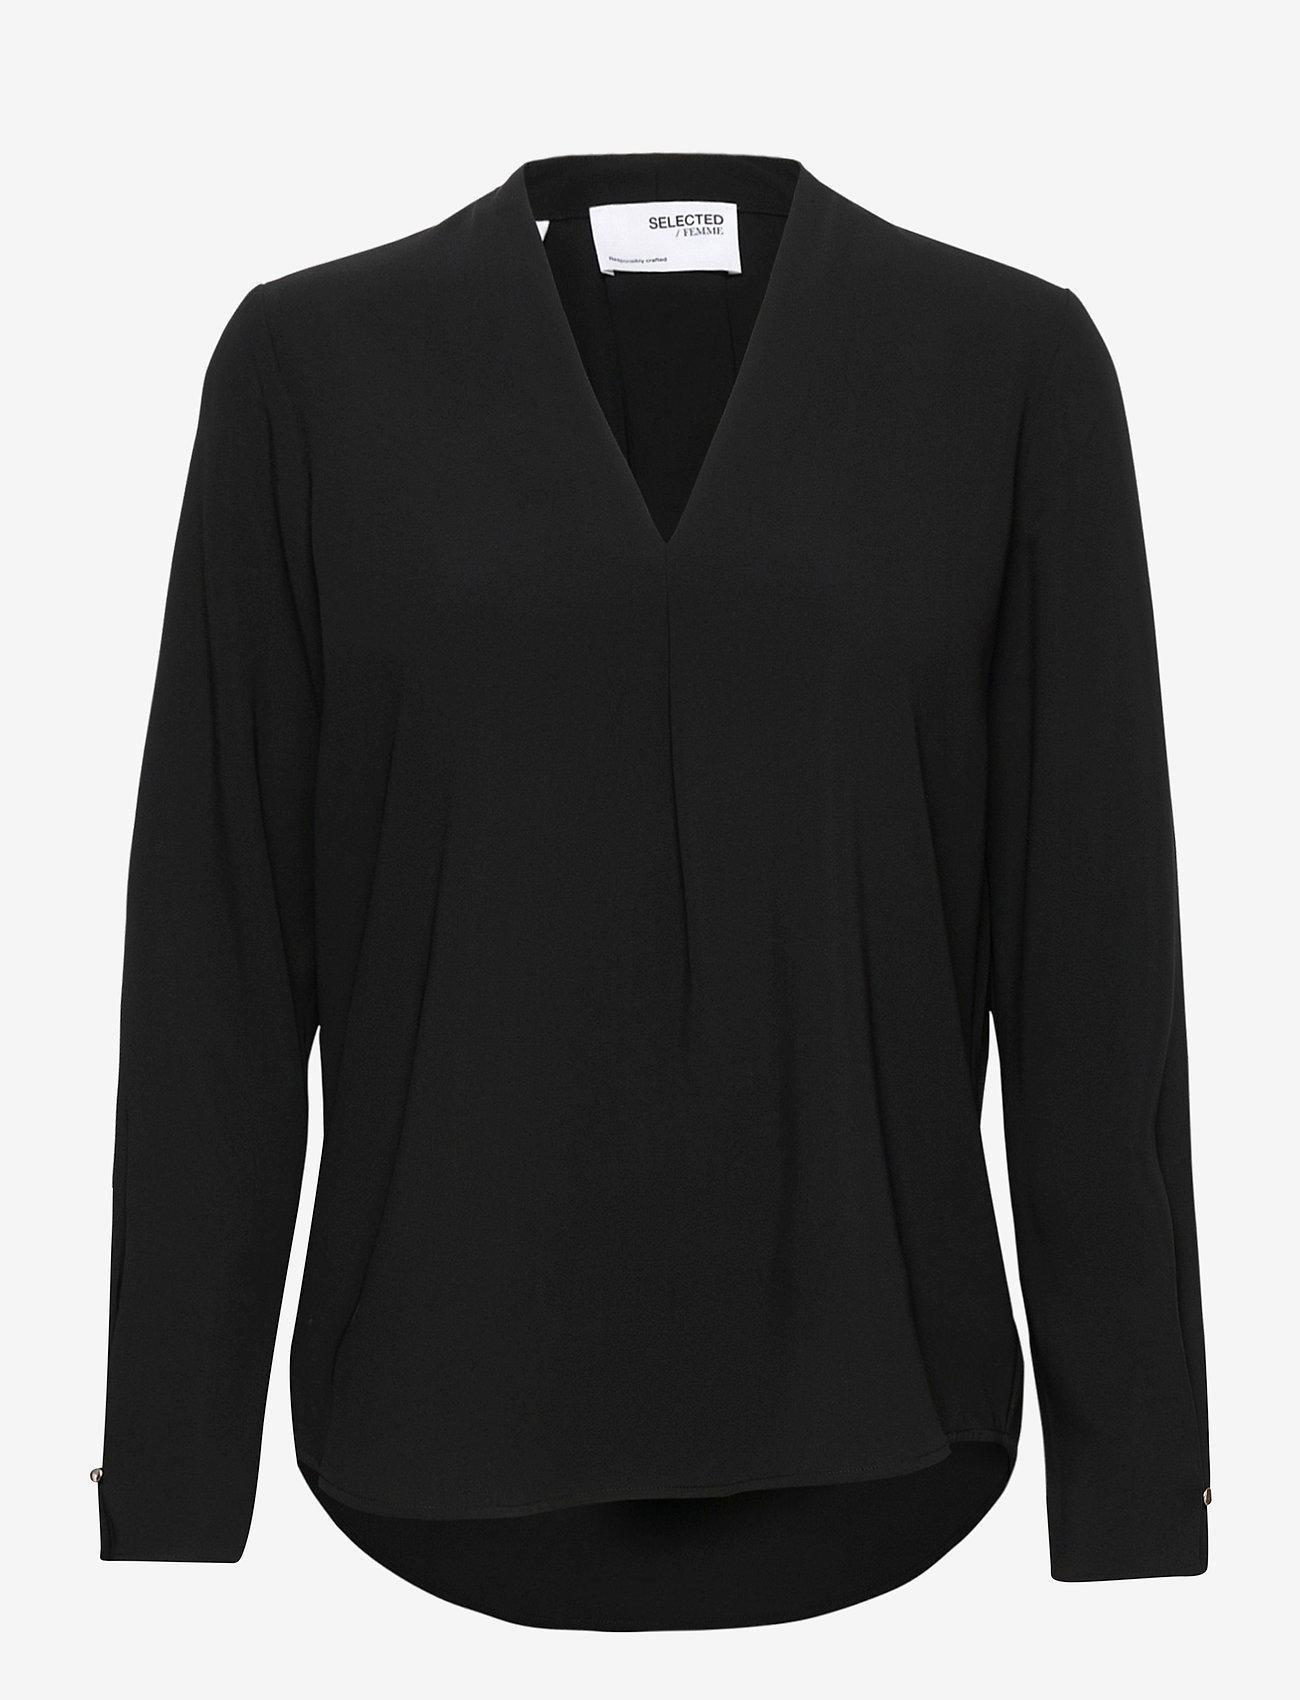 Selected Femme - SLFLUNA LS  TOP NOOS - long sleeved blouses - black - 0